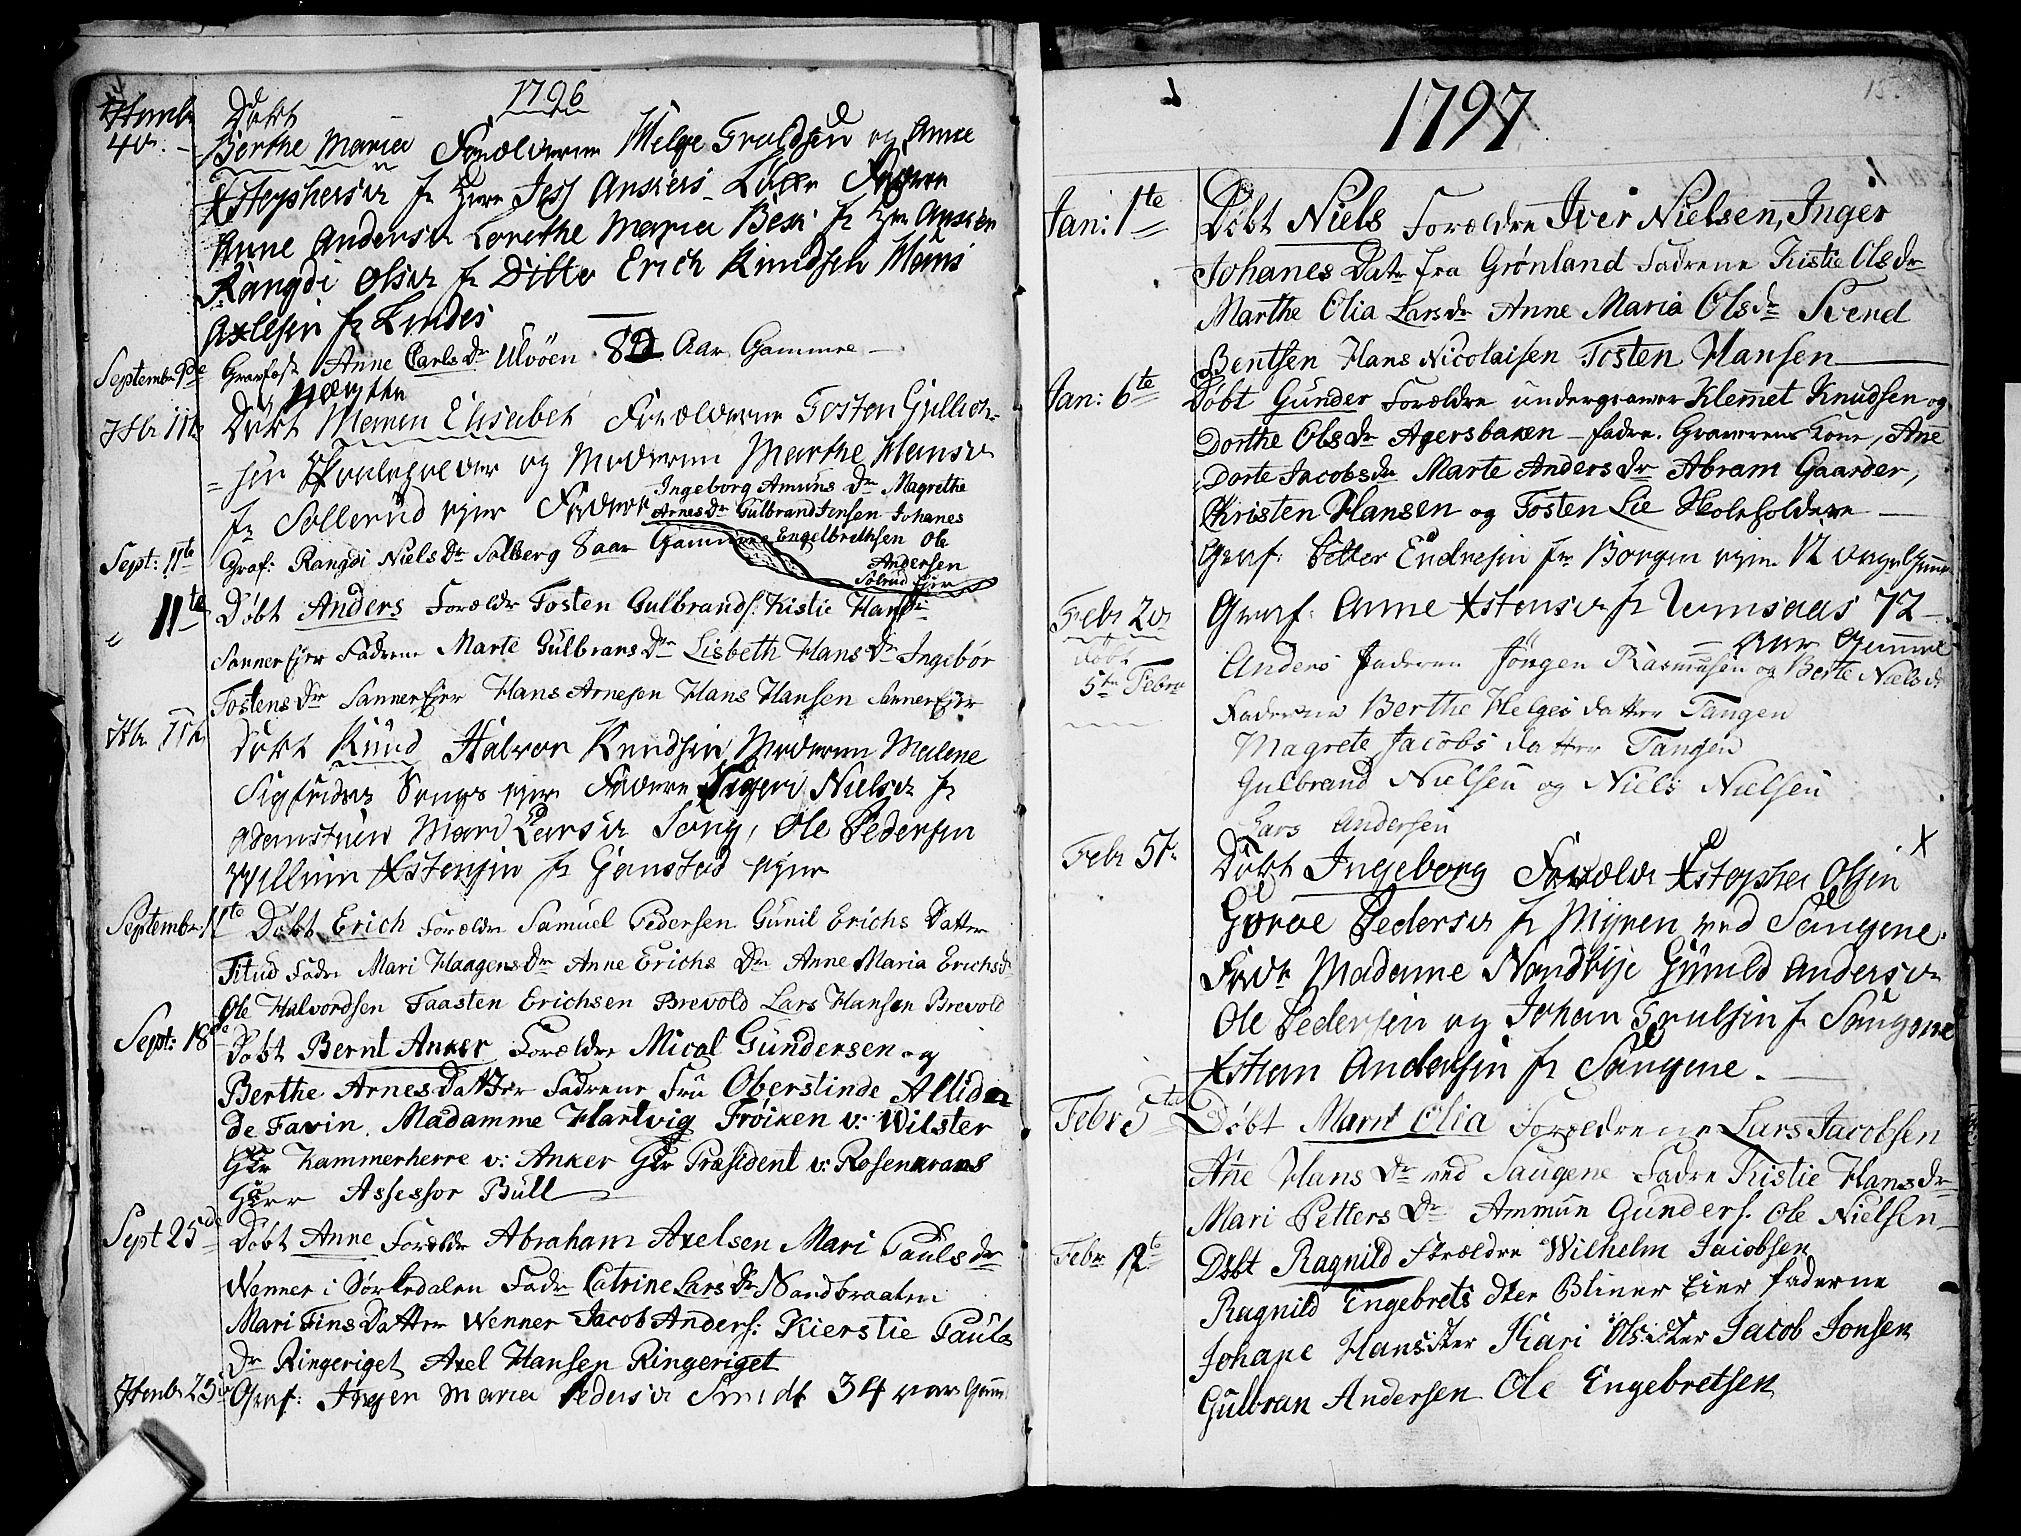 SAO, Aker prestekontor kirkebøker, G/L0001: Klokkerbok nr. 1, 1796-1826, s. 14-15